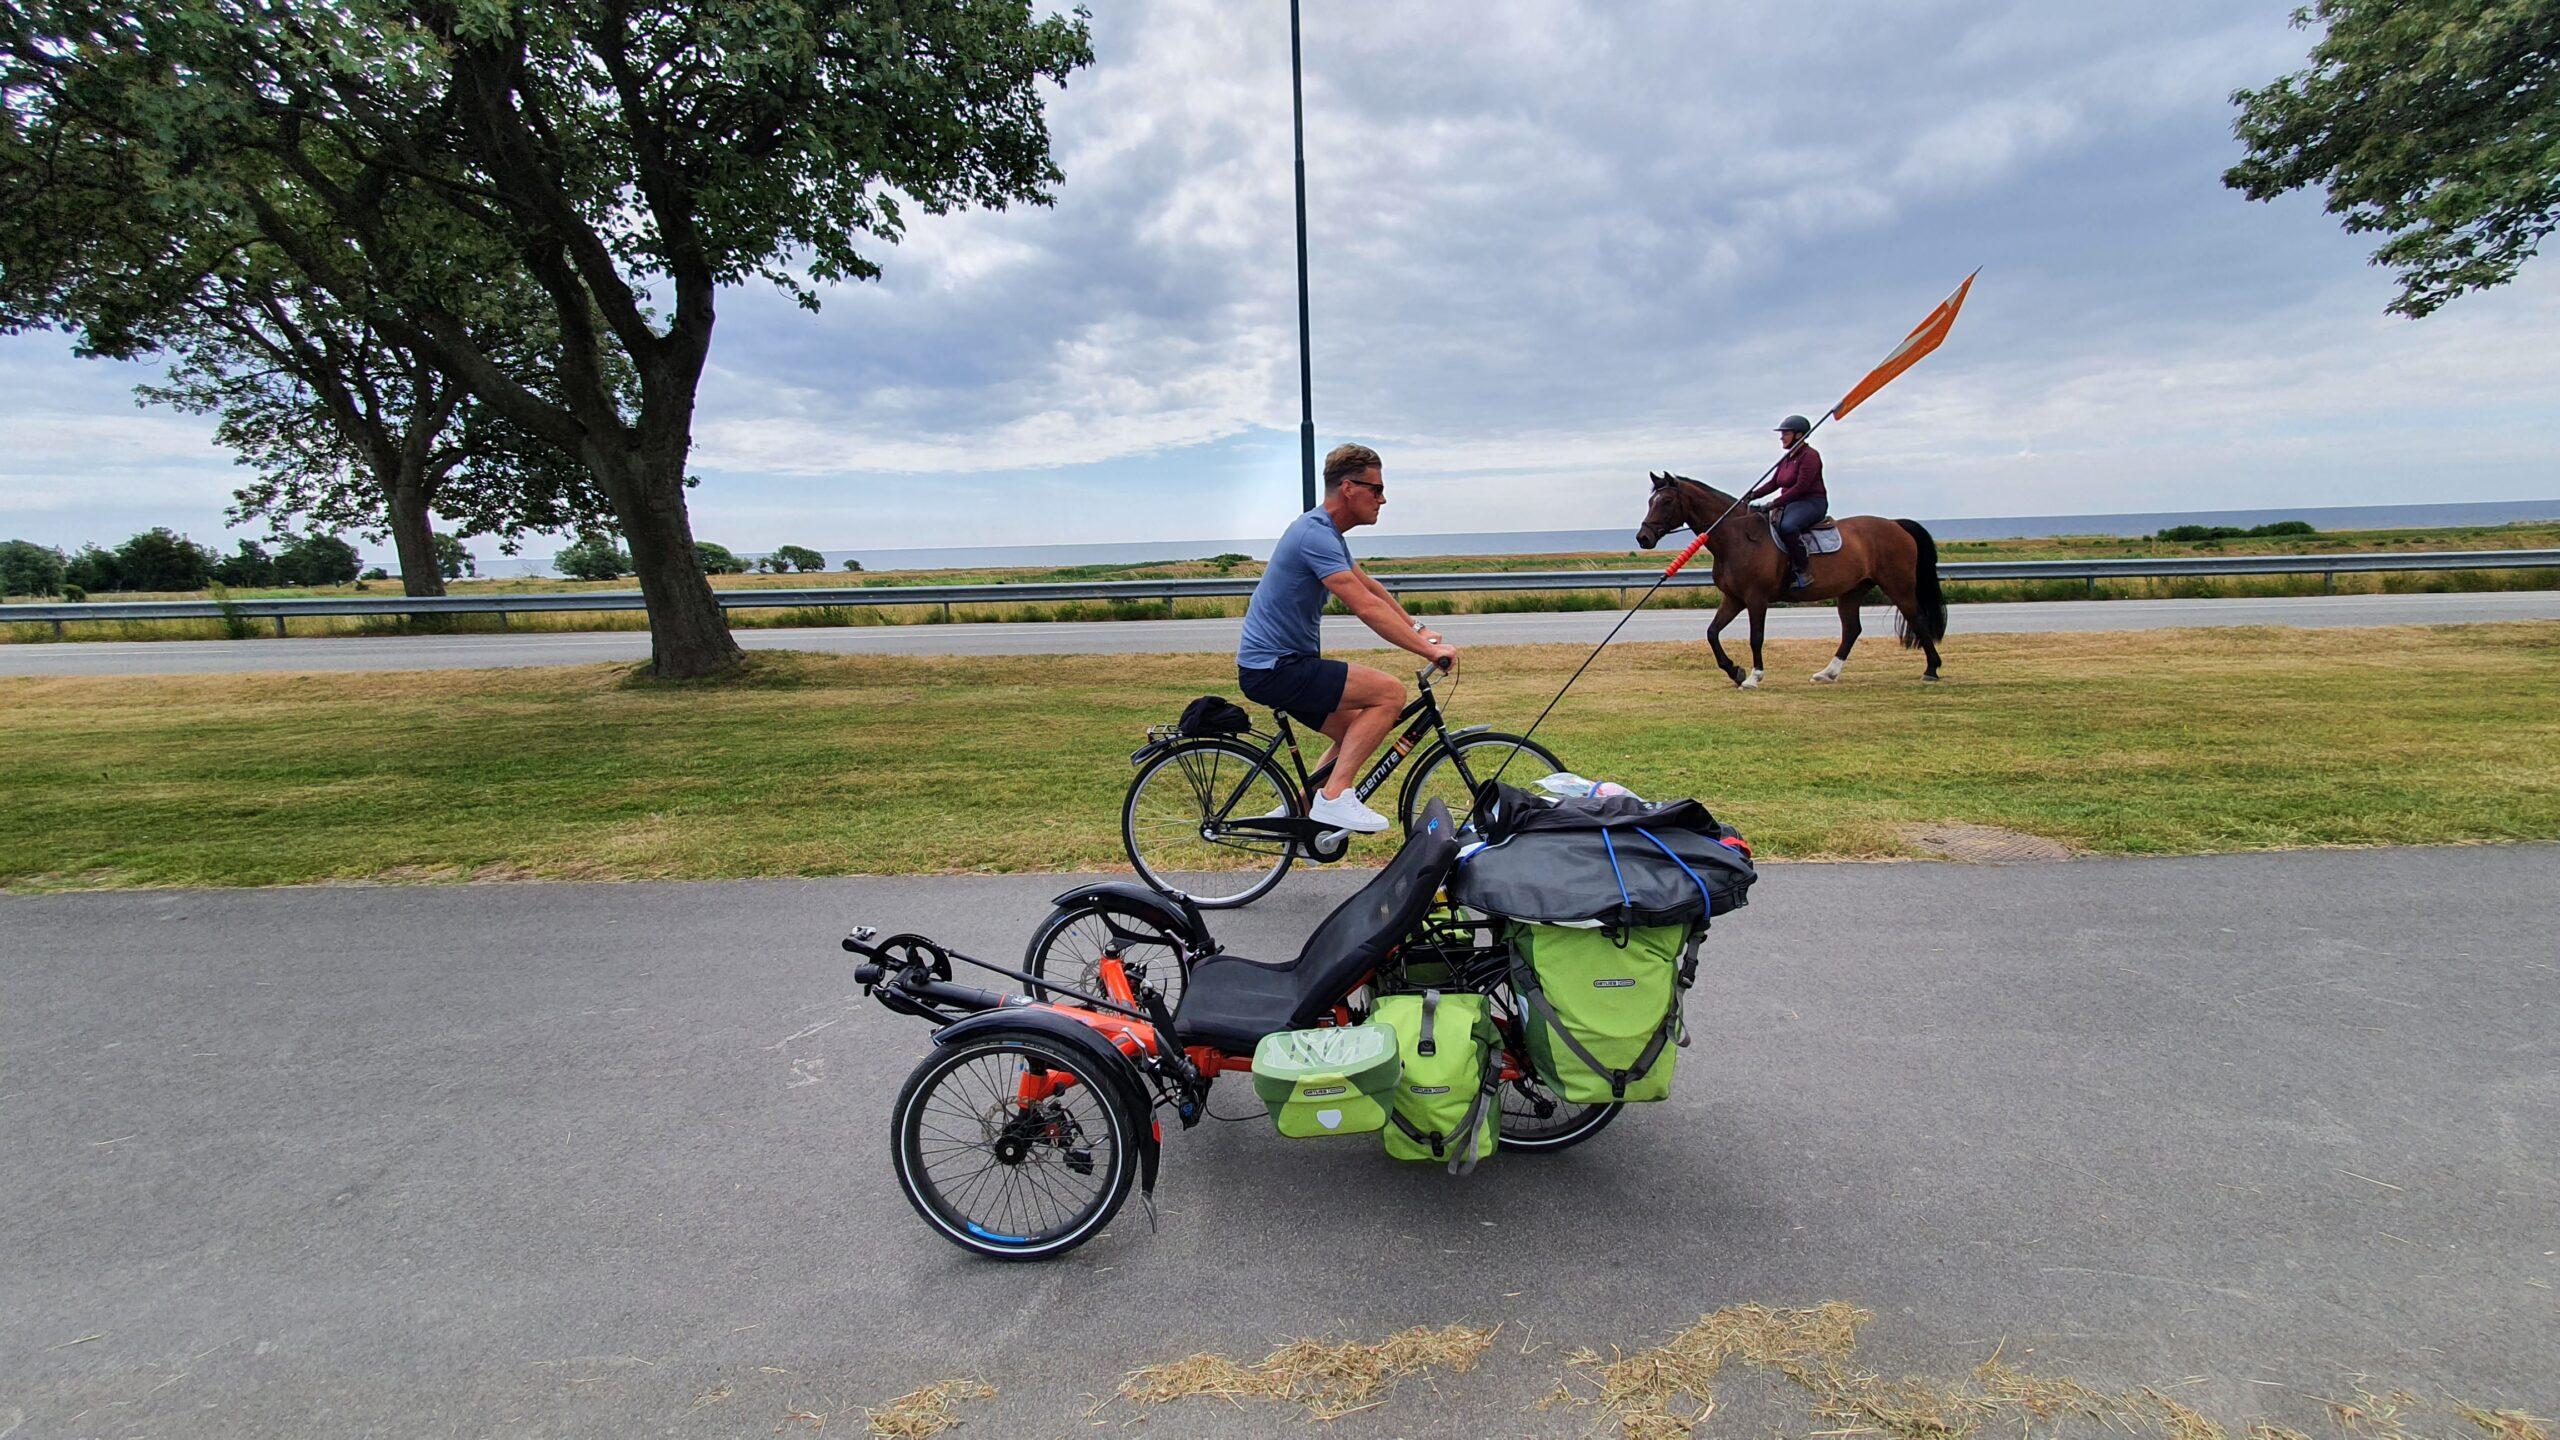 Morze, rower, koń, po szwecji na rowerze